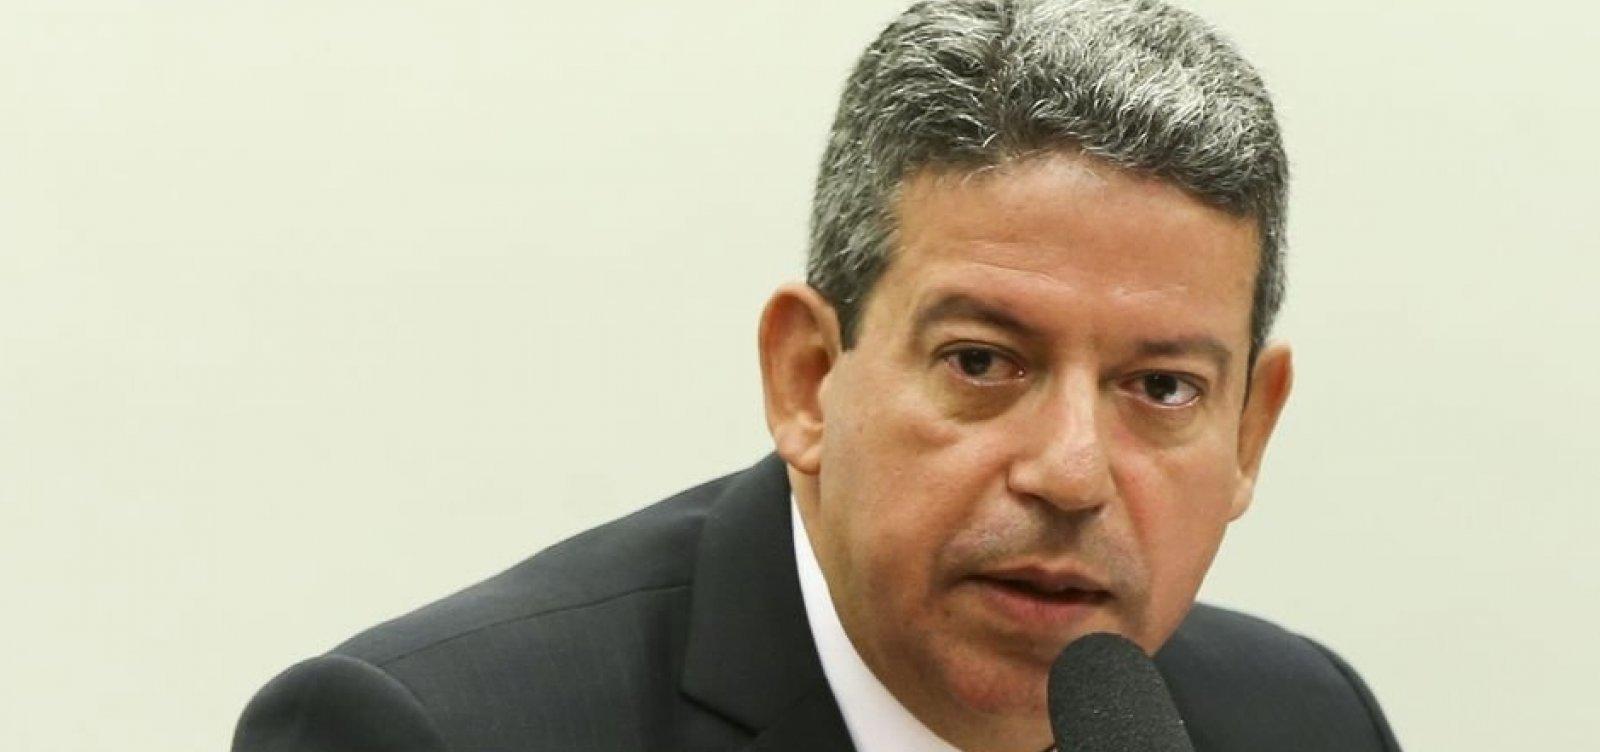 Troca de comando na Petrobras cria 'bolha histérica', diz presidente da Câmara